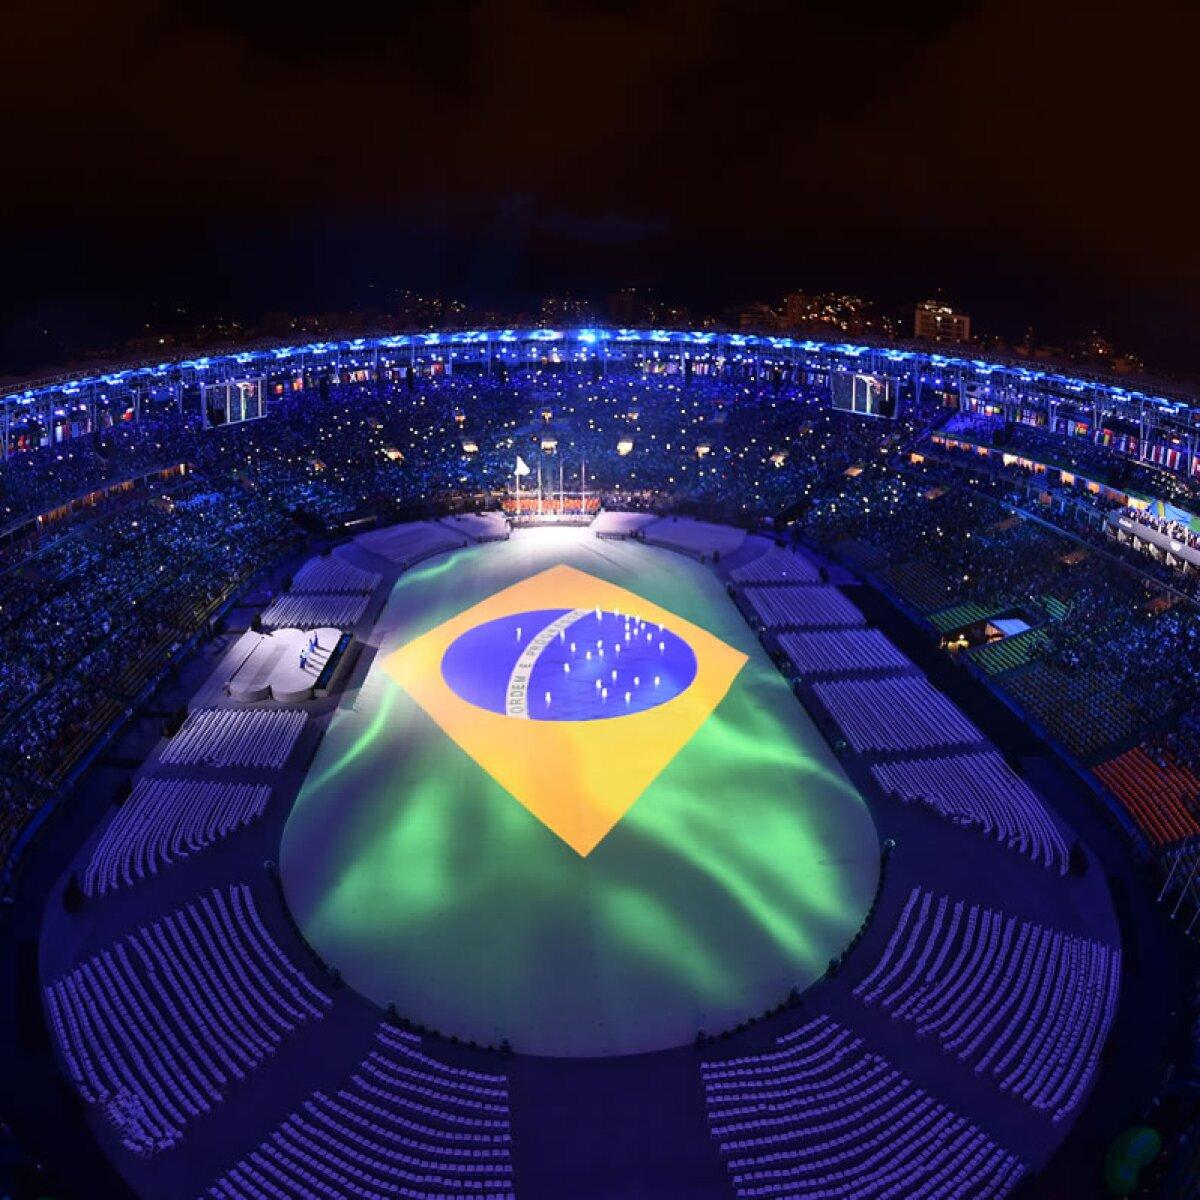 Интересные фото и факты олимпиады в рио